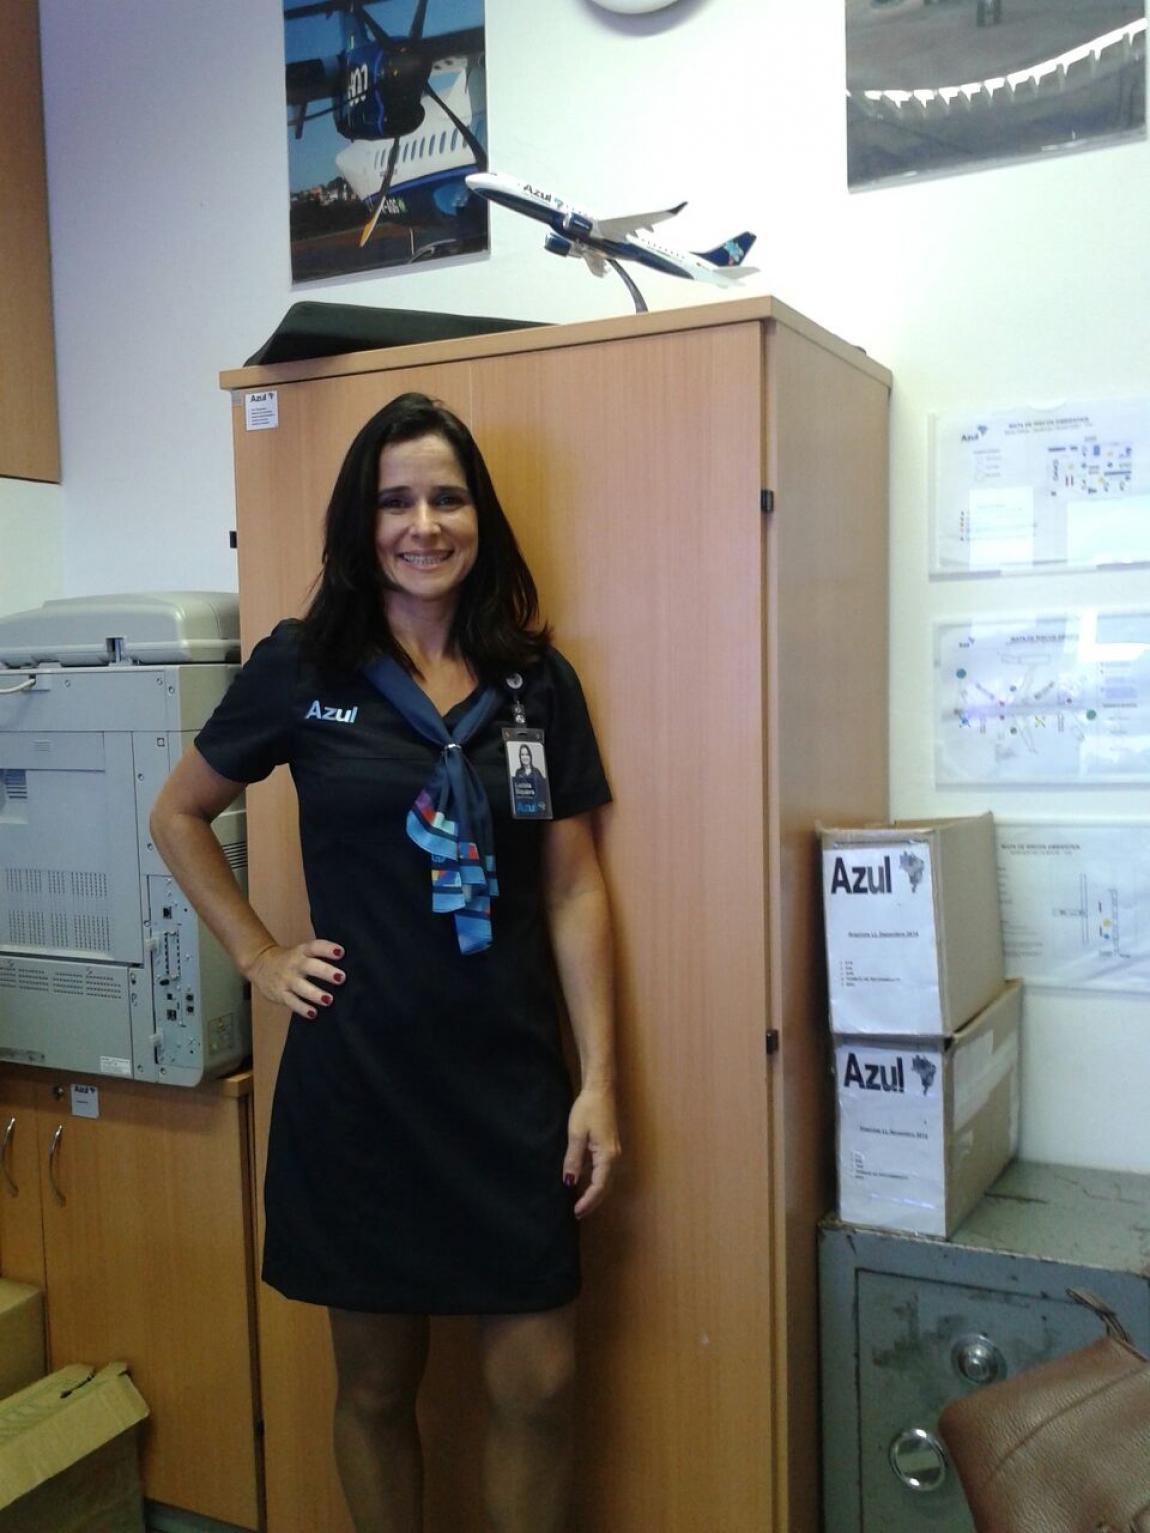 Imagem de Vitória: Dirigente do Sindicado dos Aeroviários é reintegrada à Azul